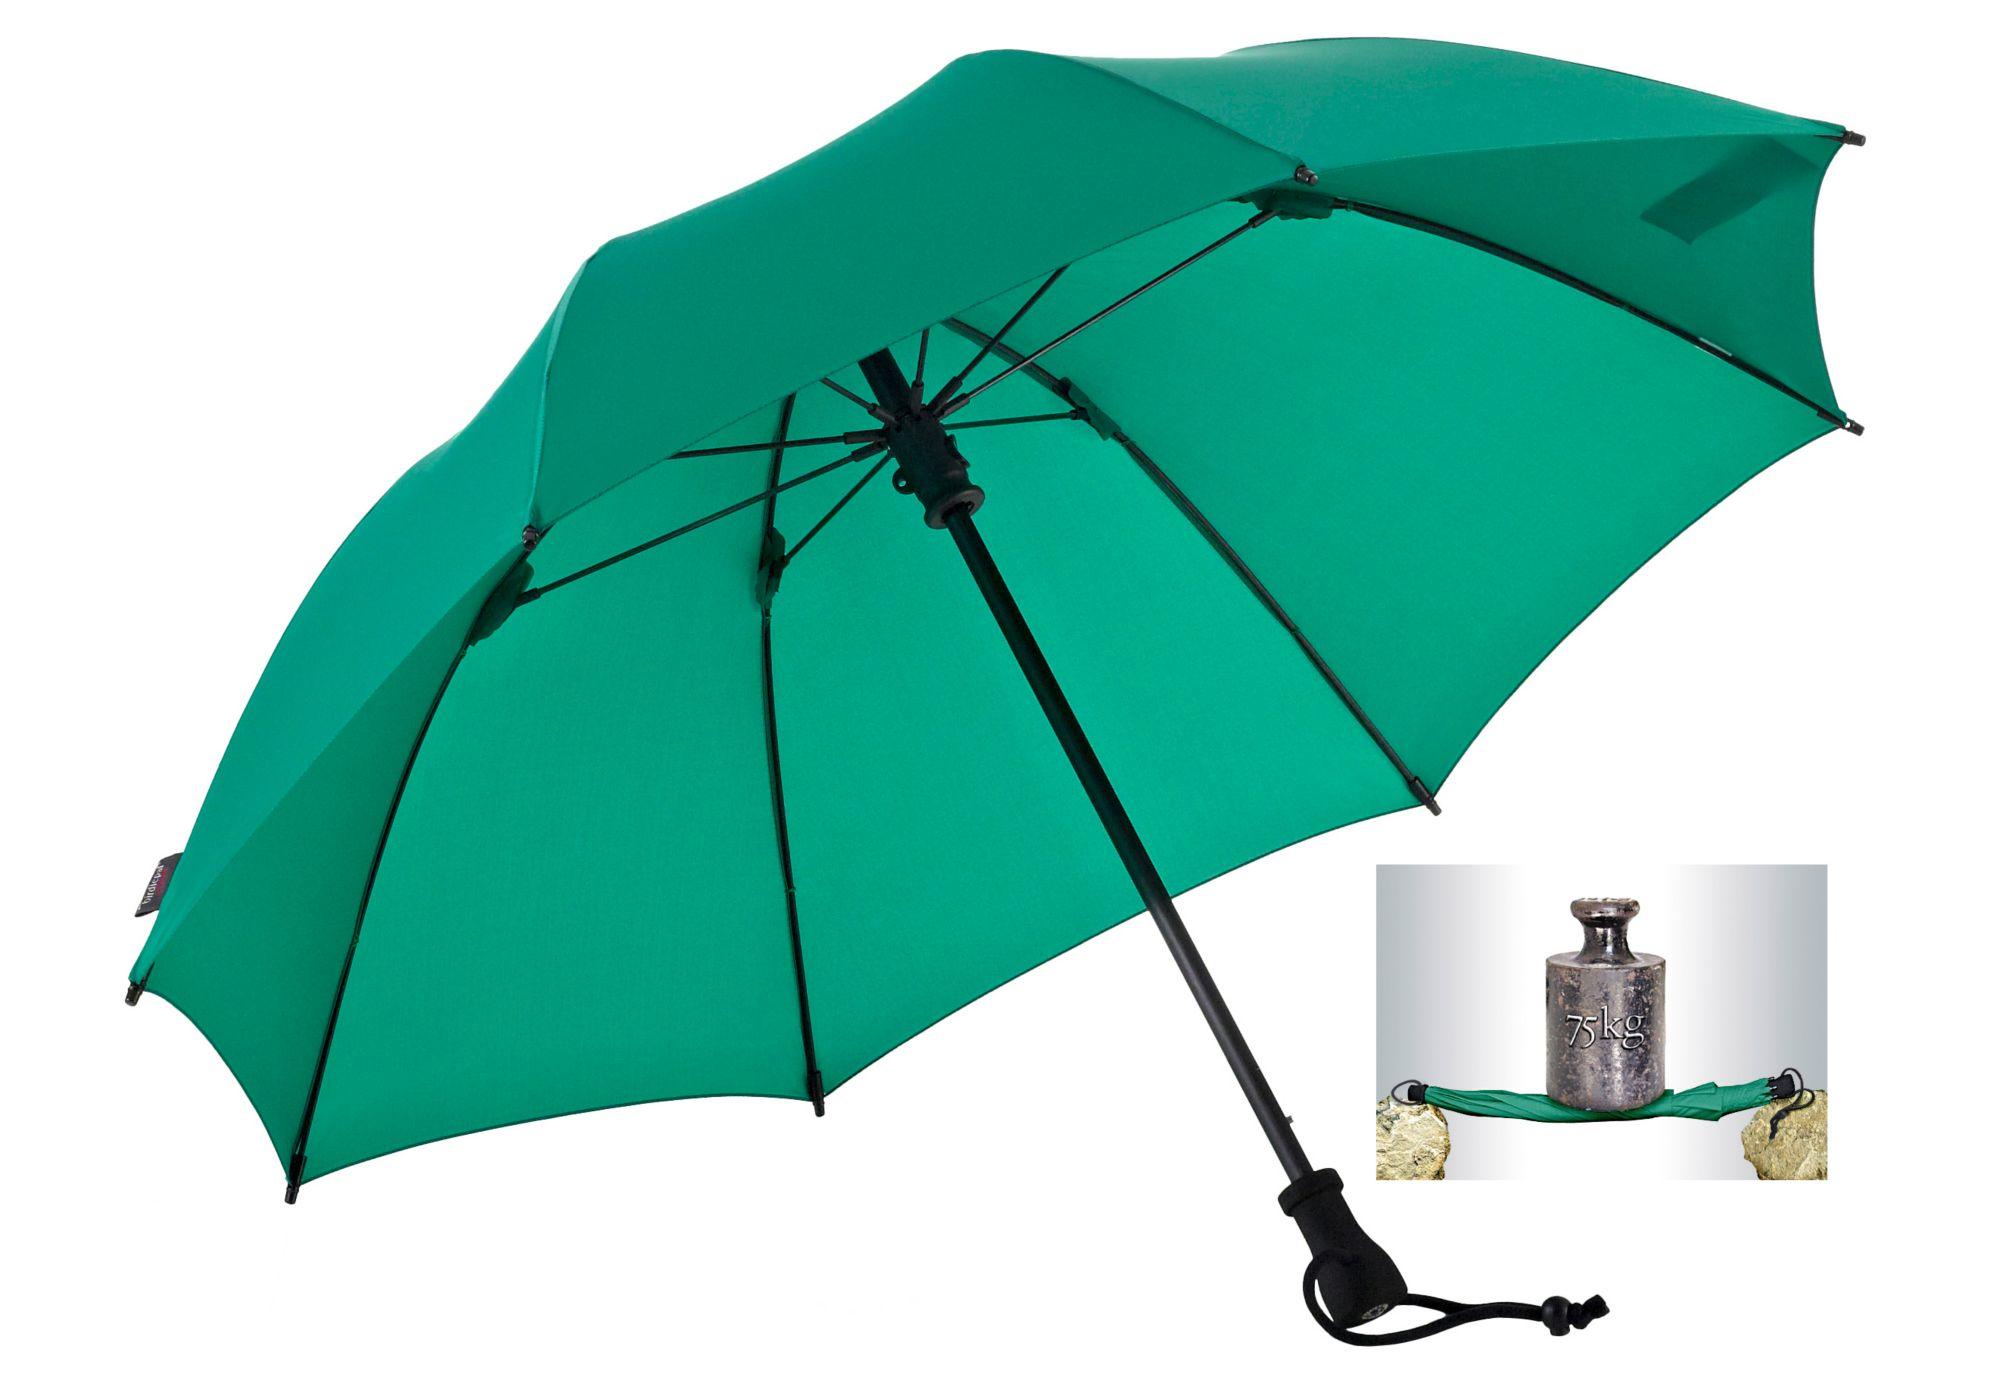 EUROSCHIRM® Regenschirm, »birdiepal® outdoor Trekkingschirm«, Euroschirm®